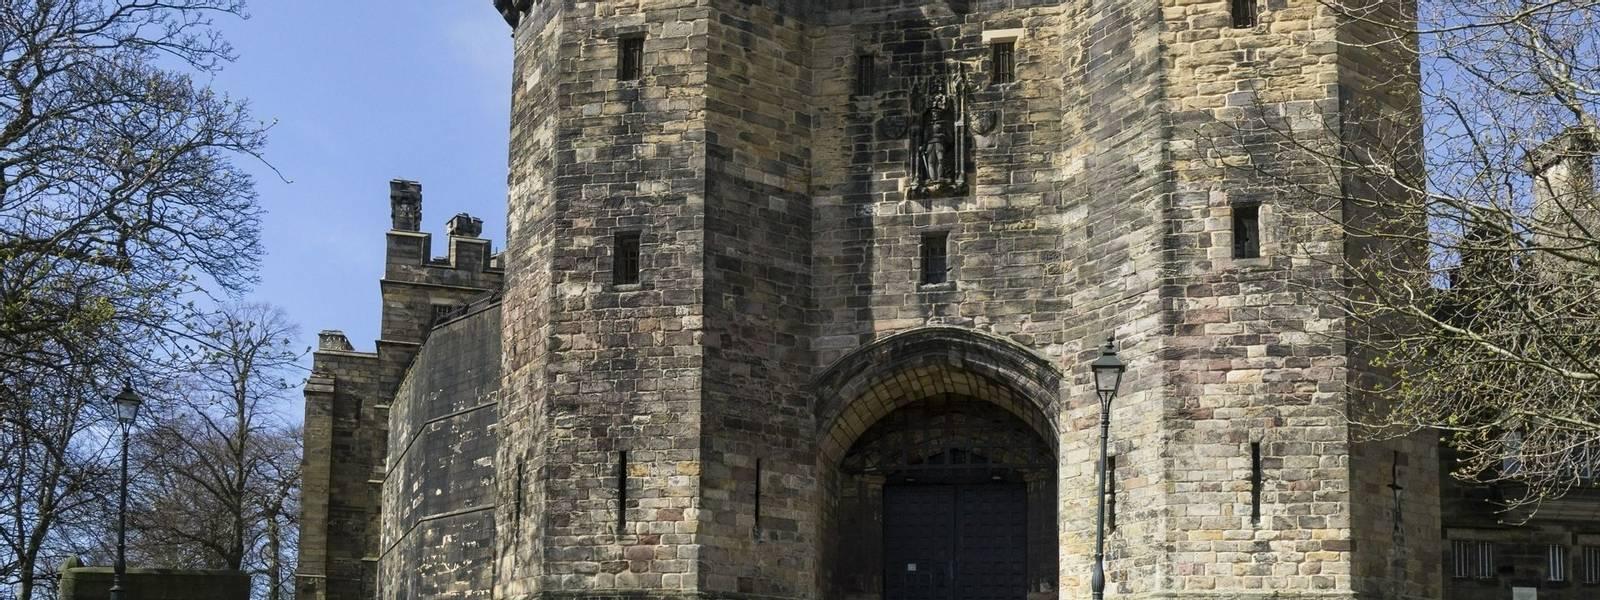 Lancaster Castle - Lancaster - England